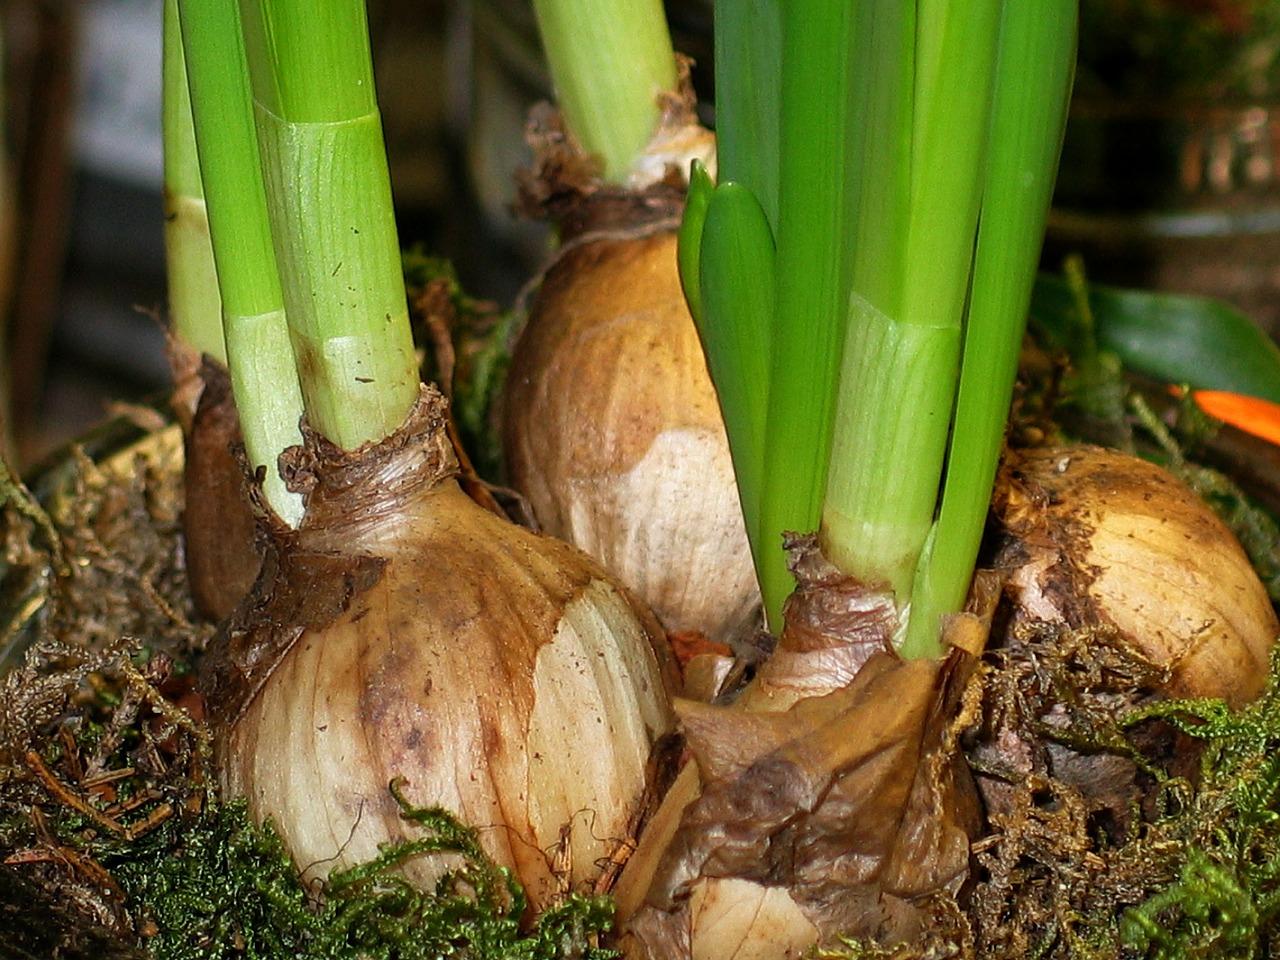 Comment Planter Du Muguet comment planter des bulbes ? conseils plantation bulbes